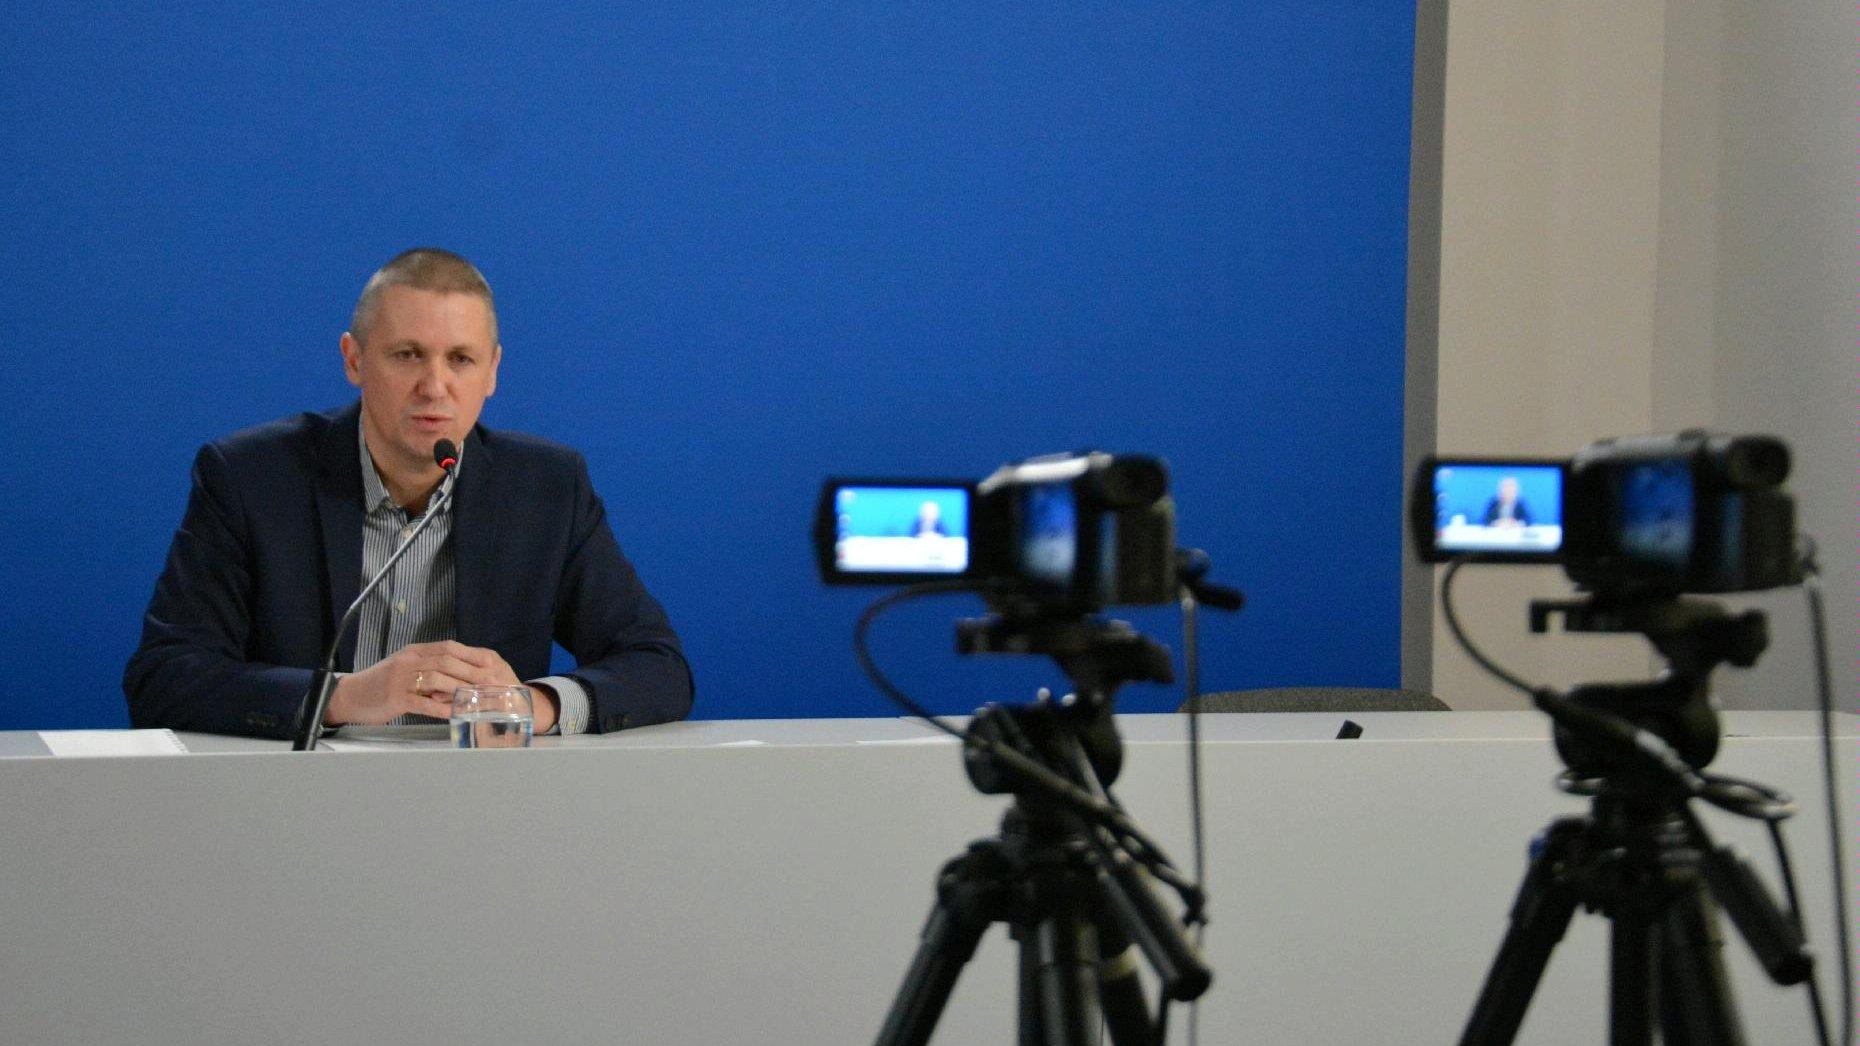 Zdjęcie przedstawia Patryka Pawełczaka, dyrektora Gabinetu Prezydenta UMP. Dyrektor siedzi za biurkiem, na pierwszym planie widać kamery. - grafika artykułu